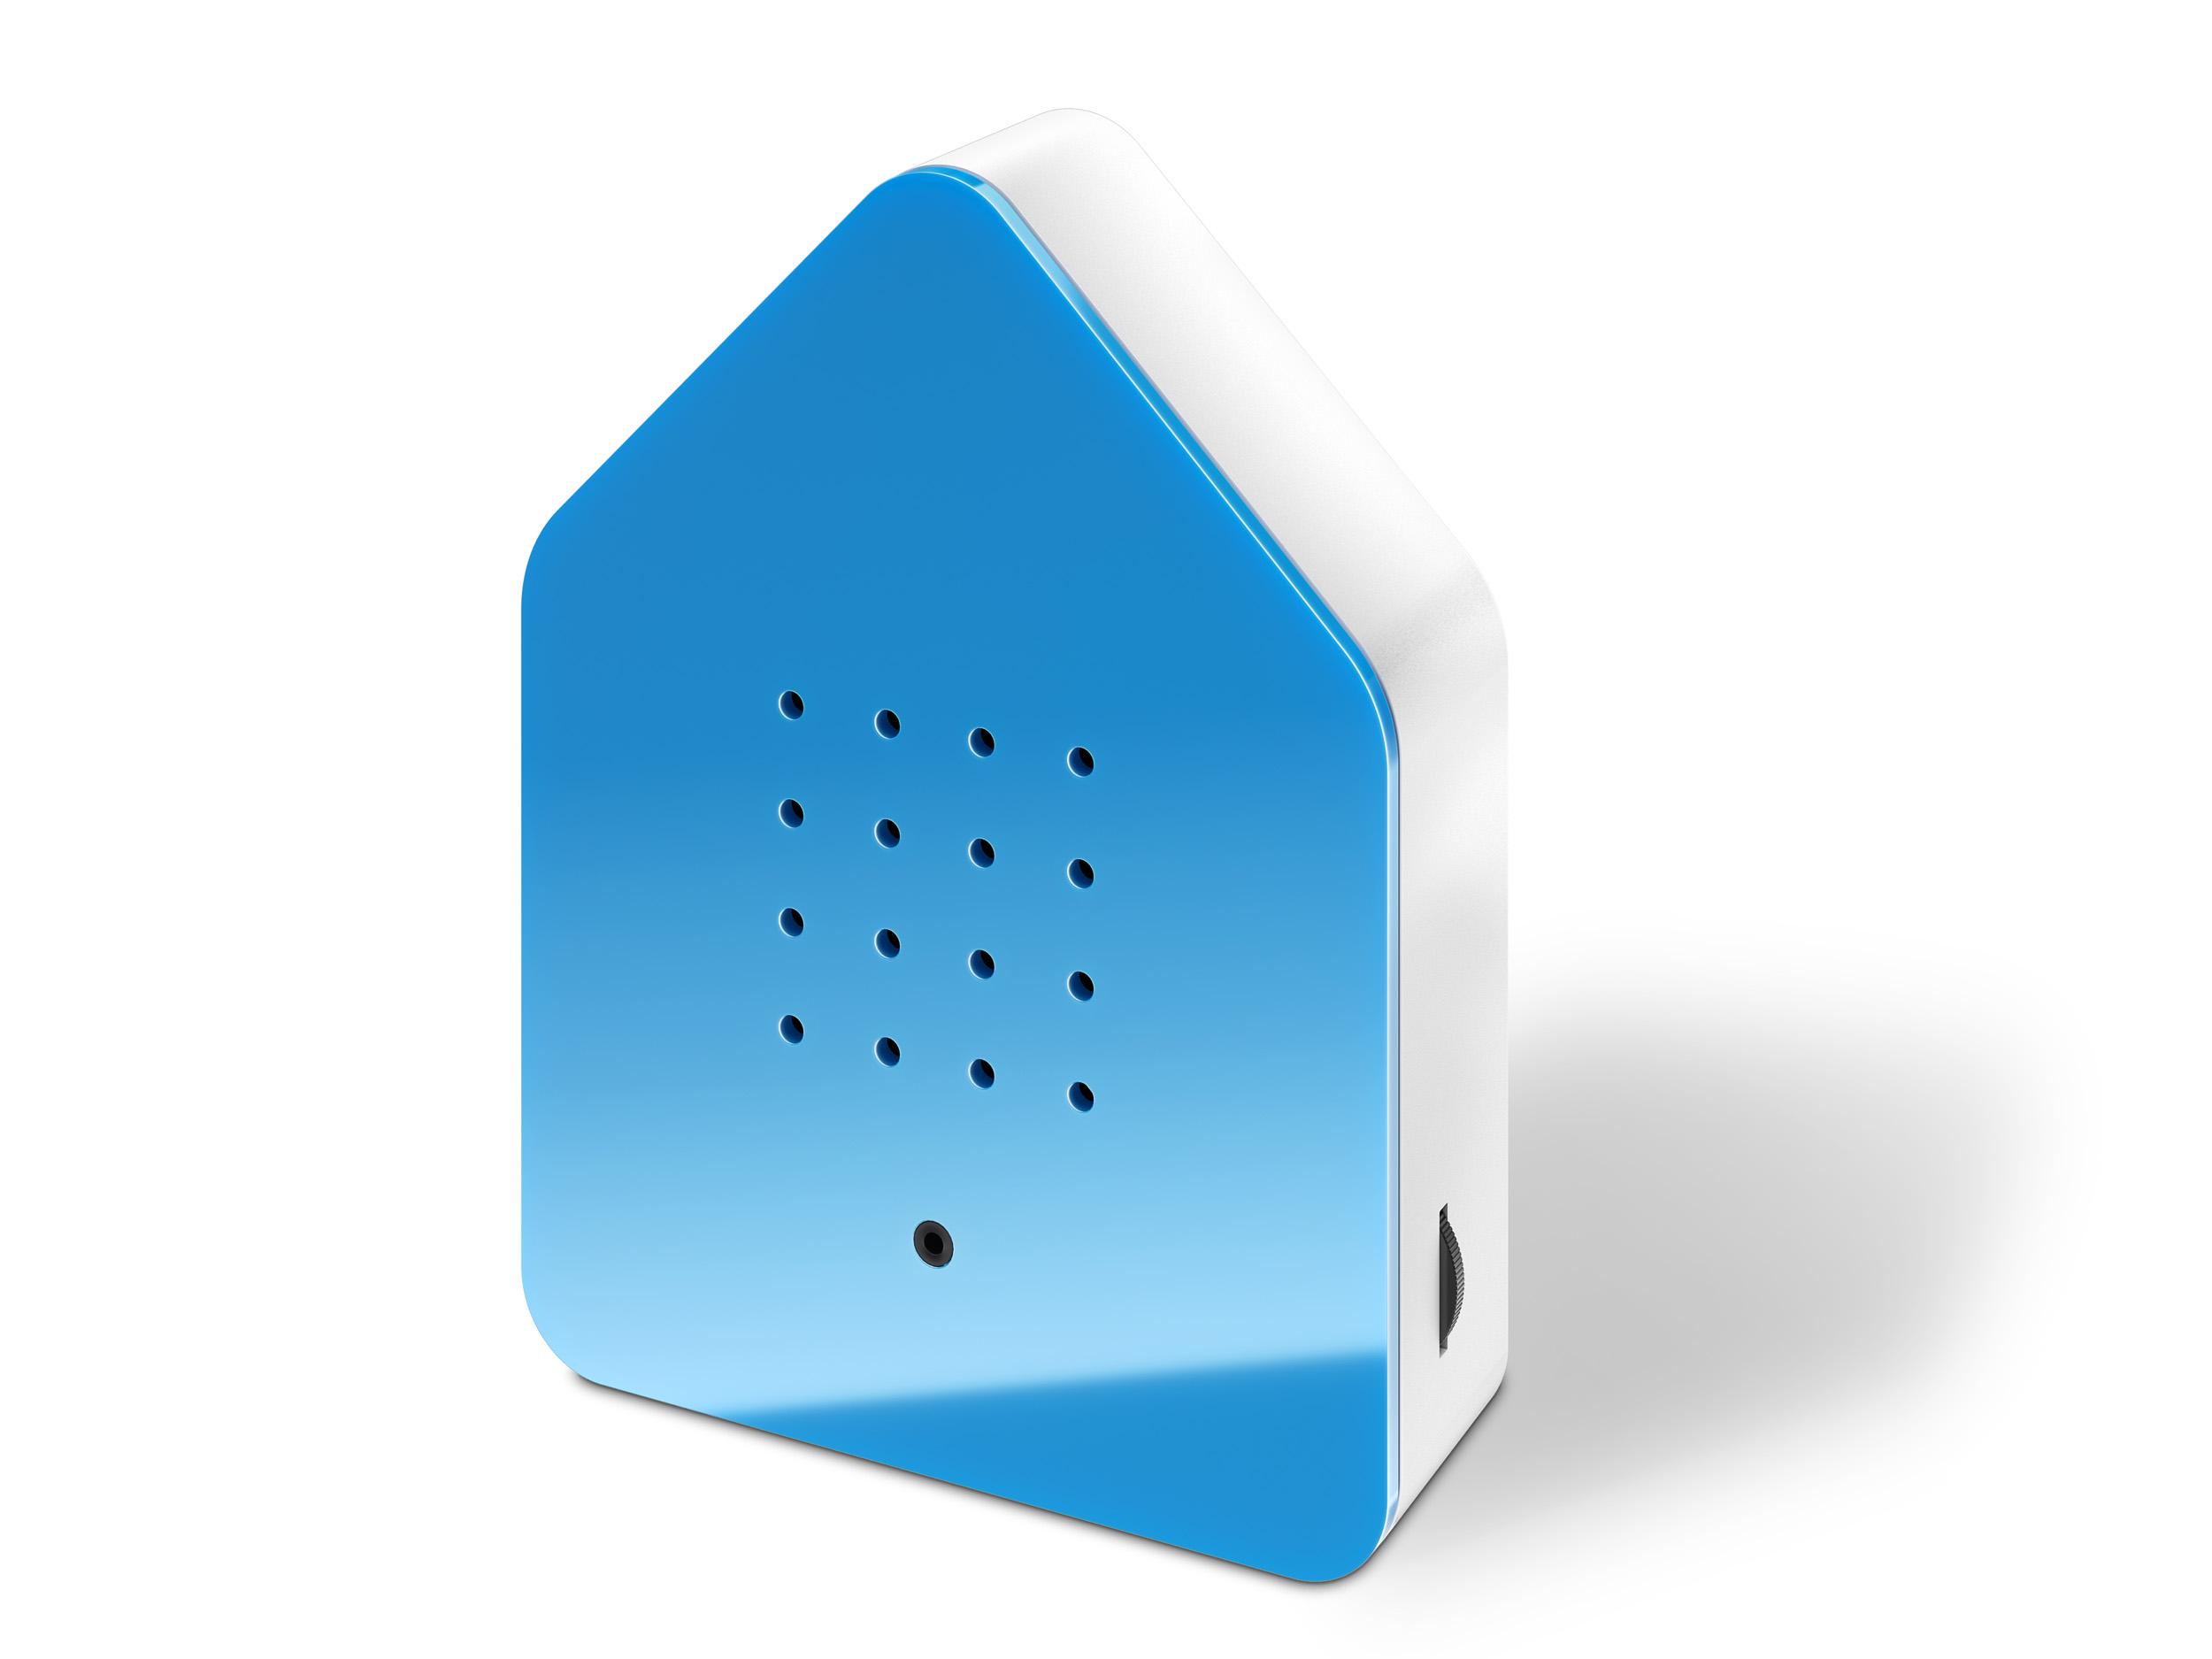 Zwitscherbox zb-blu-whi _side